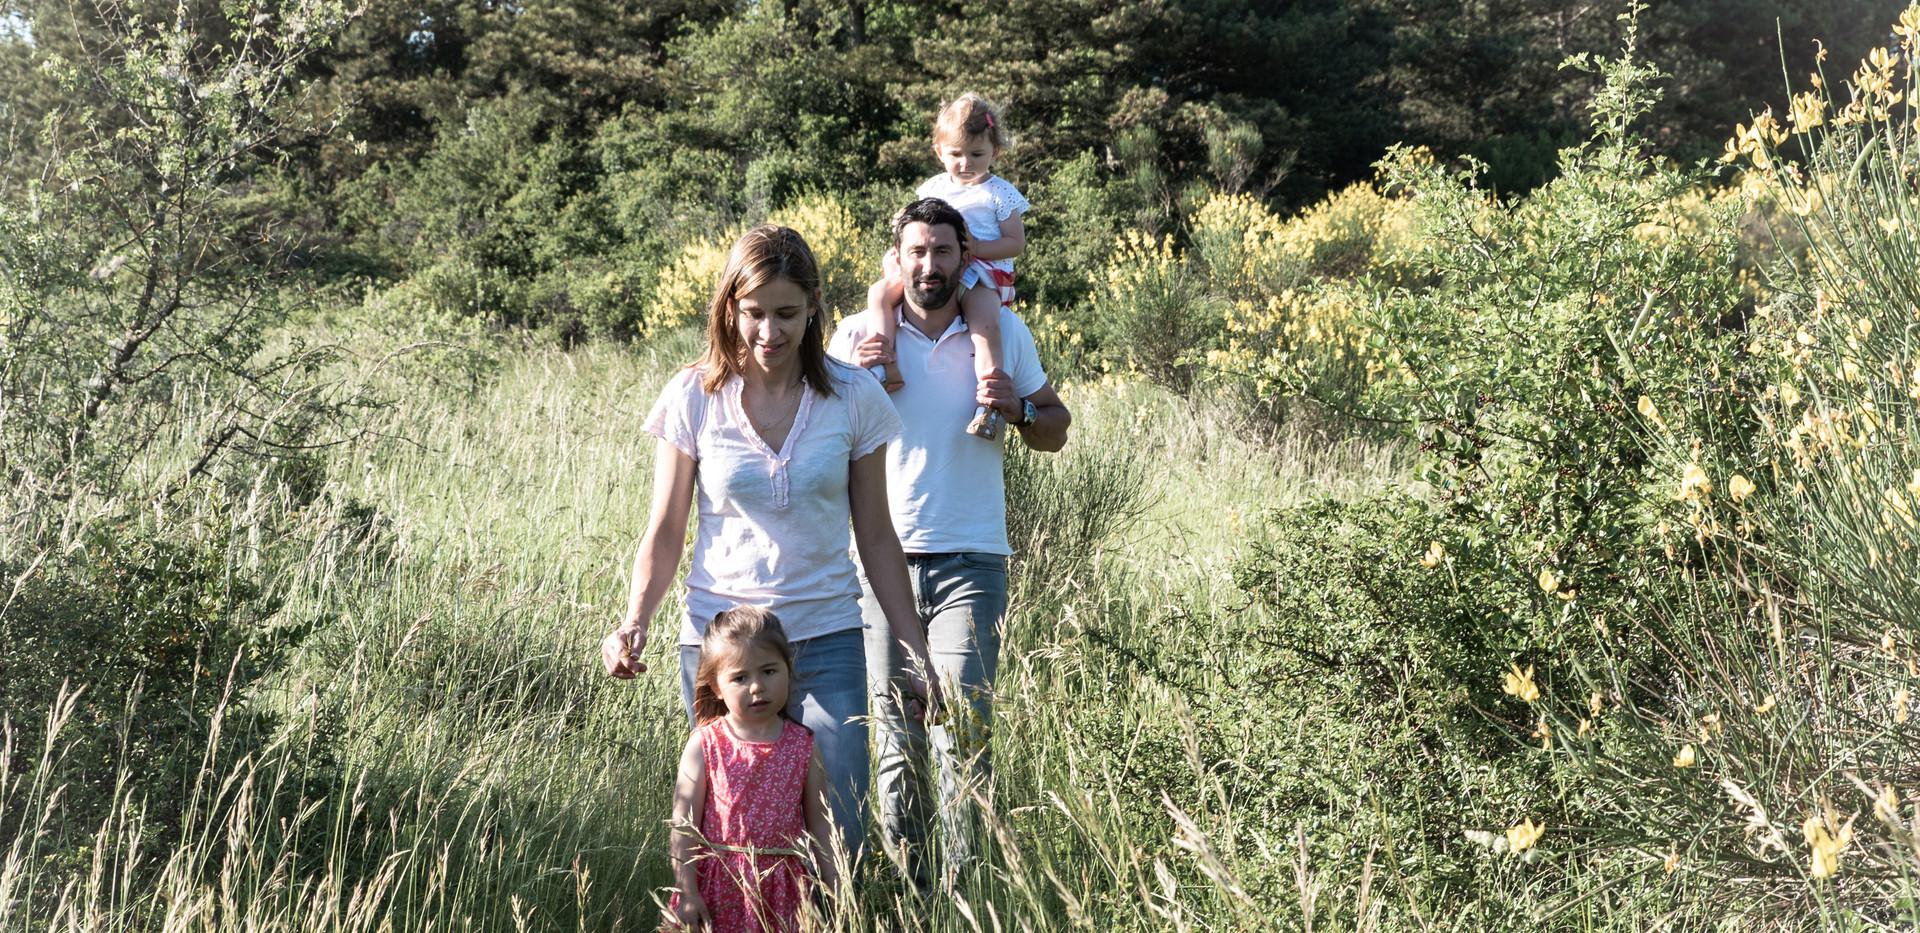 Séance Photos Famille à Valdurenque